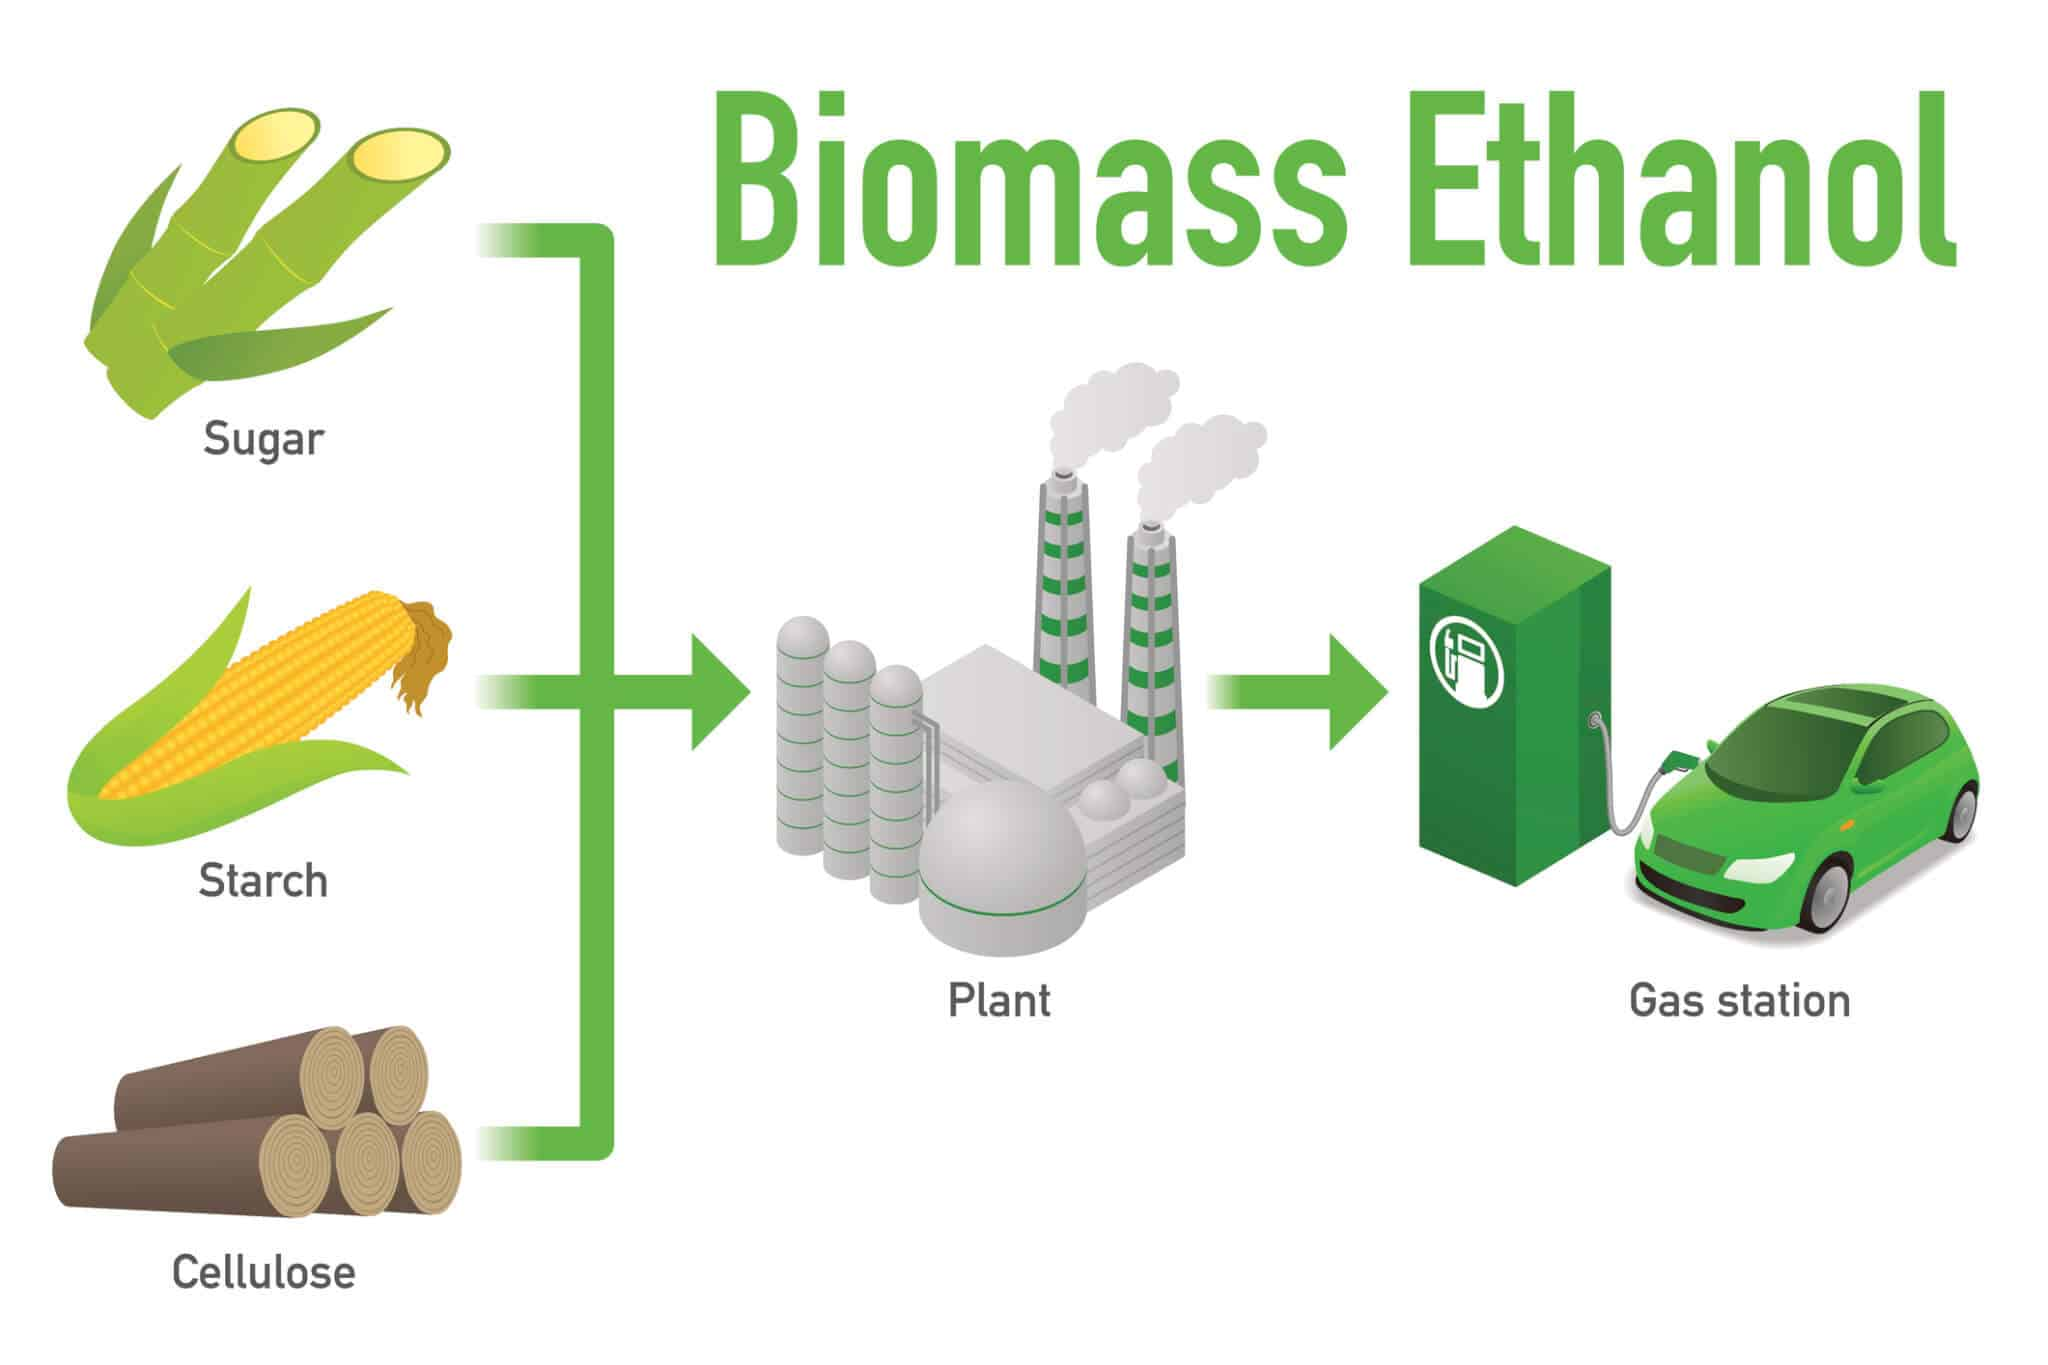 Tenaga Elektrik Boleh Diperbaharui | Renewable Electrical Energy